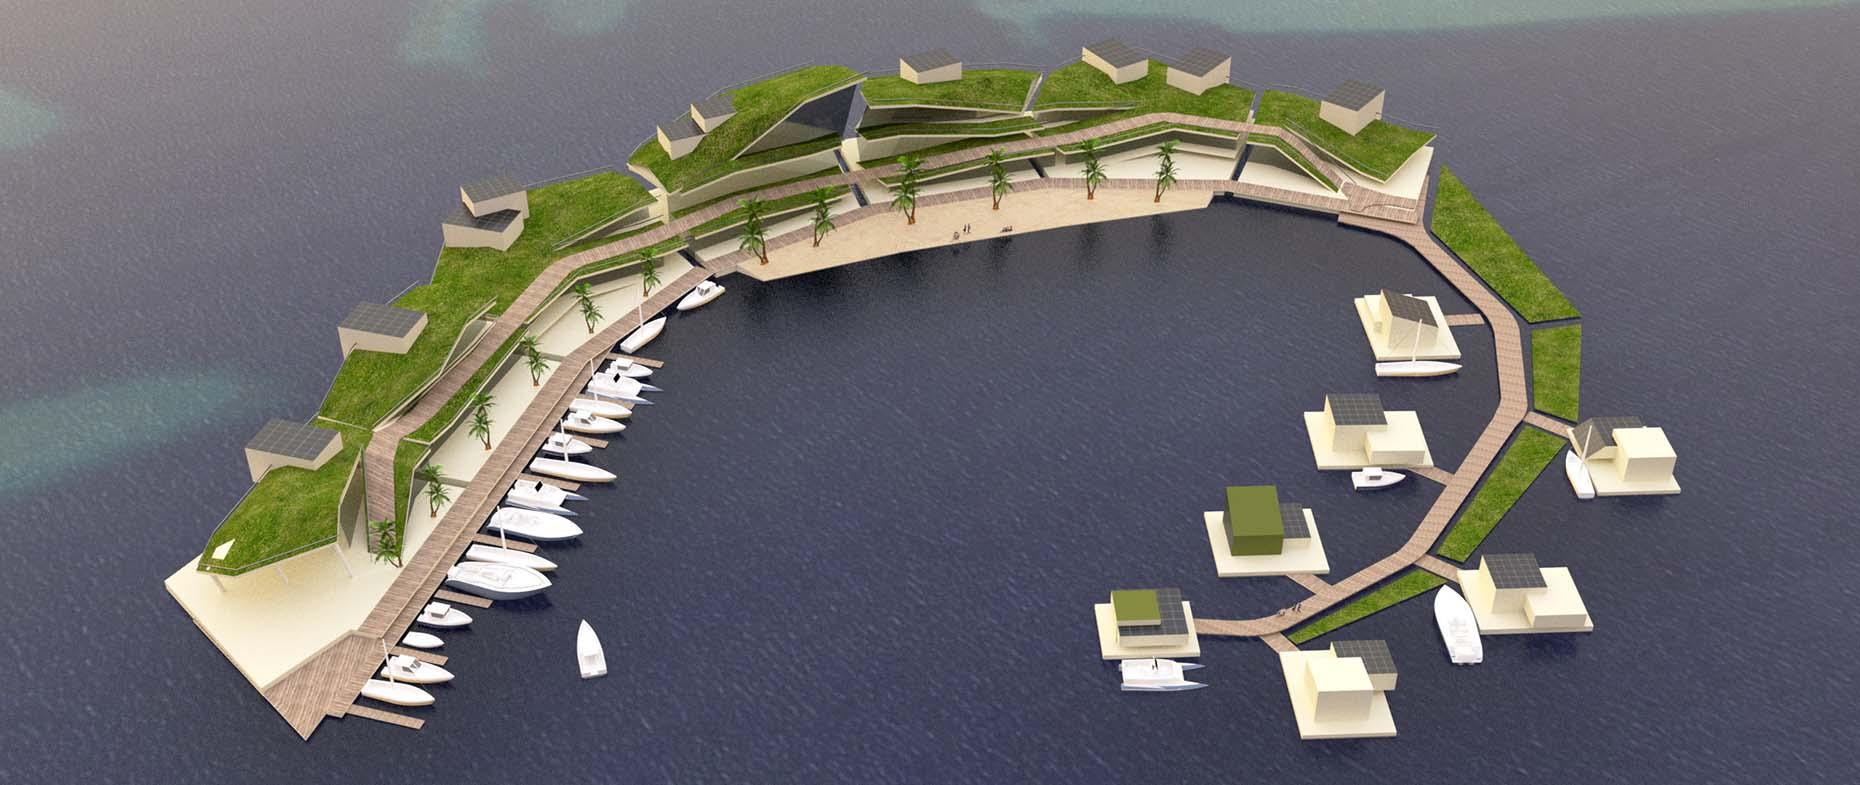 le projet d 39 le flottante cherche un nouveau pays h te. Black Bedroom Furniture Sets. Home Design Ideas